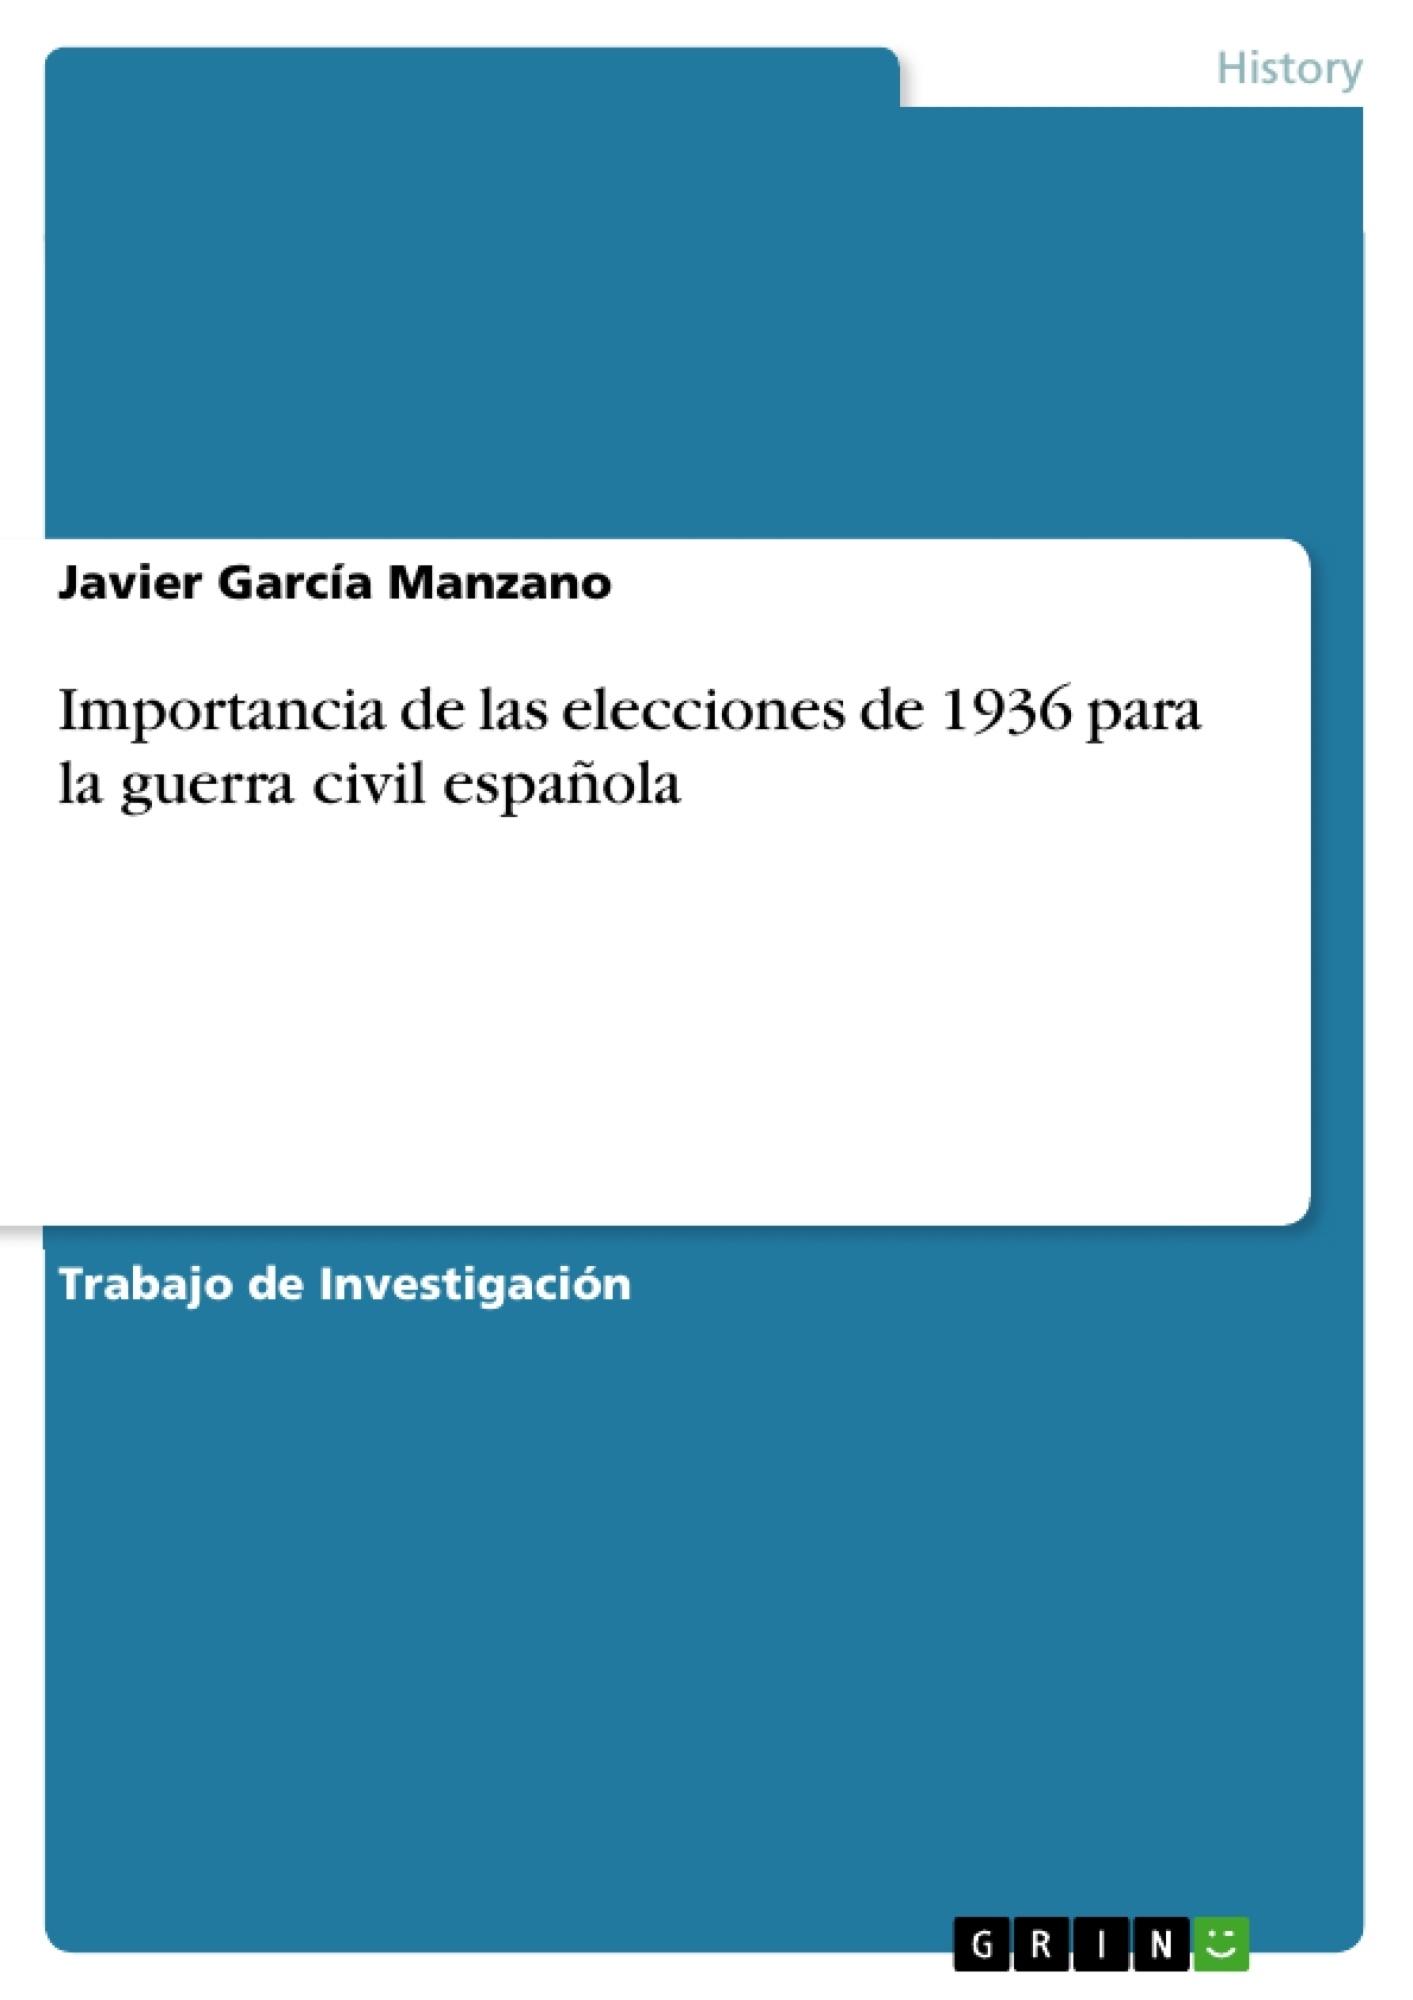 Título: Importancia de las elecciones de 1936 para la guerra civil española